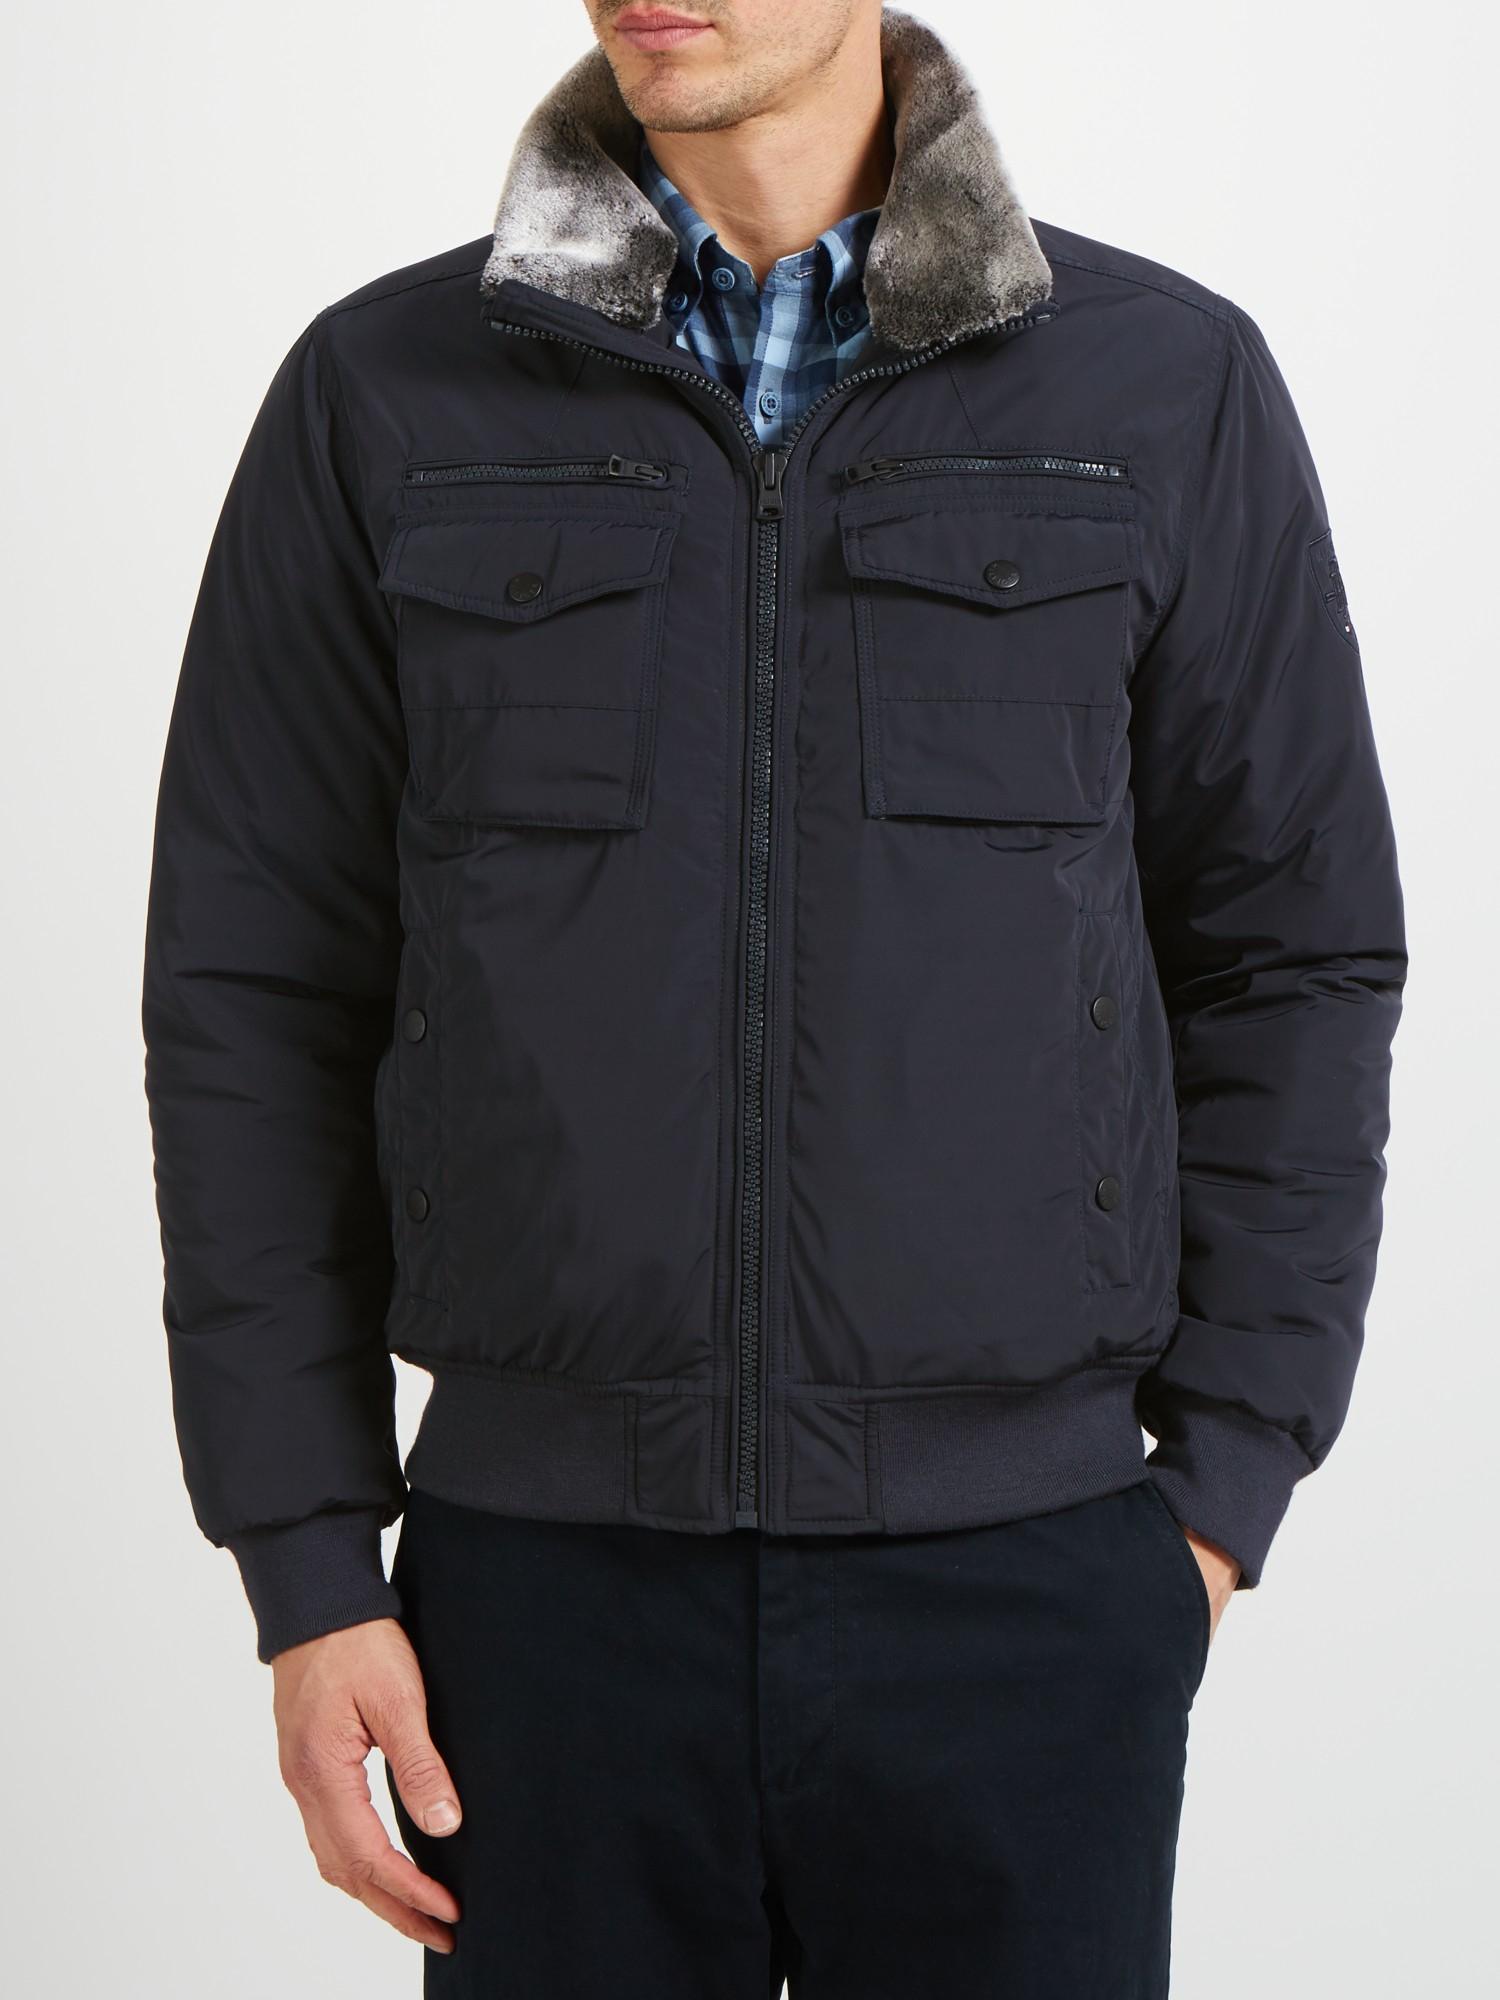 Tommy hilfiger ken bomber jacket black – Modern fashion jacket ...